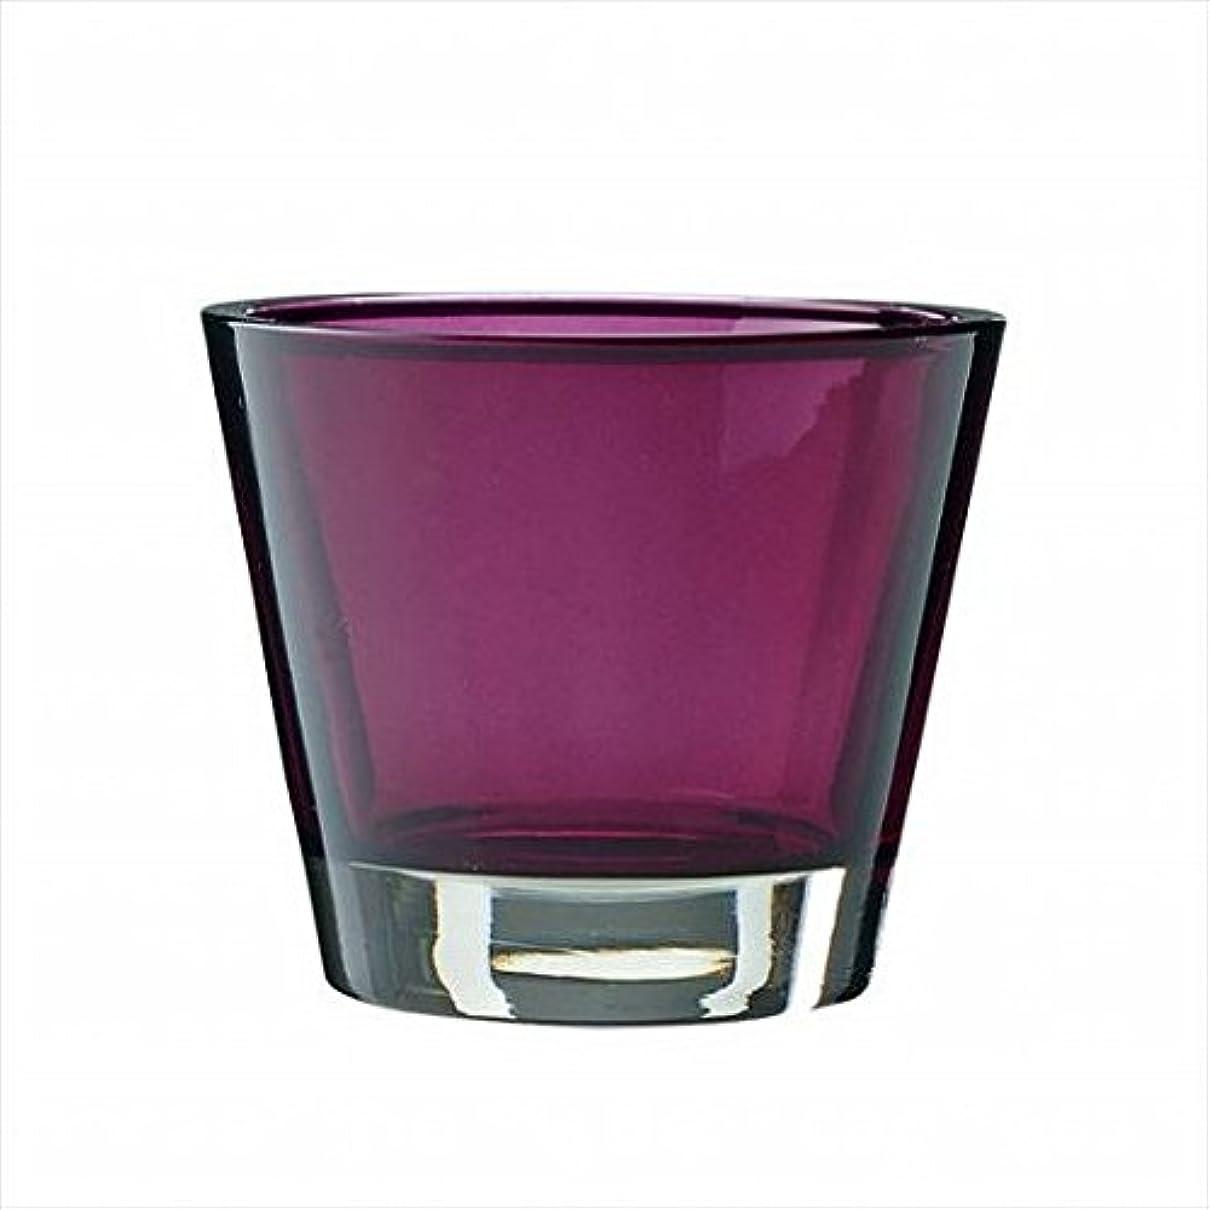 立場はっきりしない常識kameyama candle(カメヤマキャンドル) カラリス 「 プラム 」 キャンドル 82x82x70mm (J2540000PL)